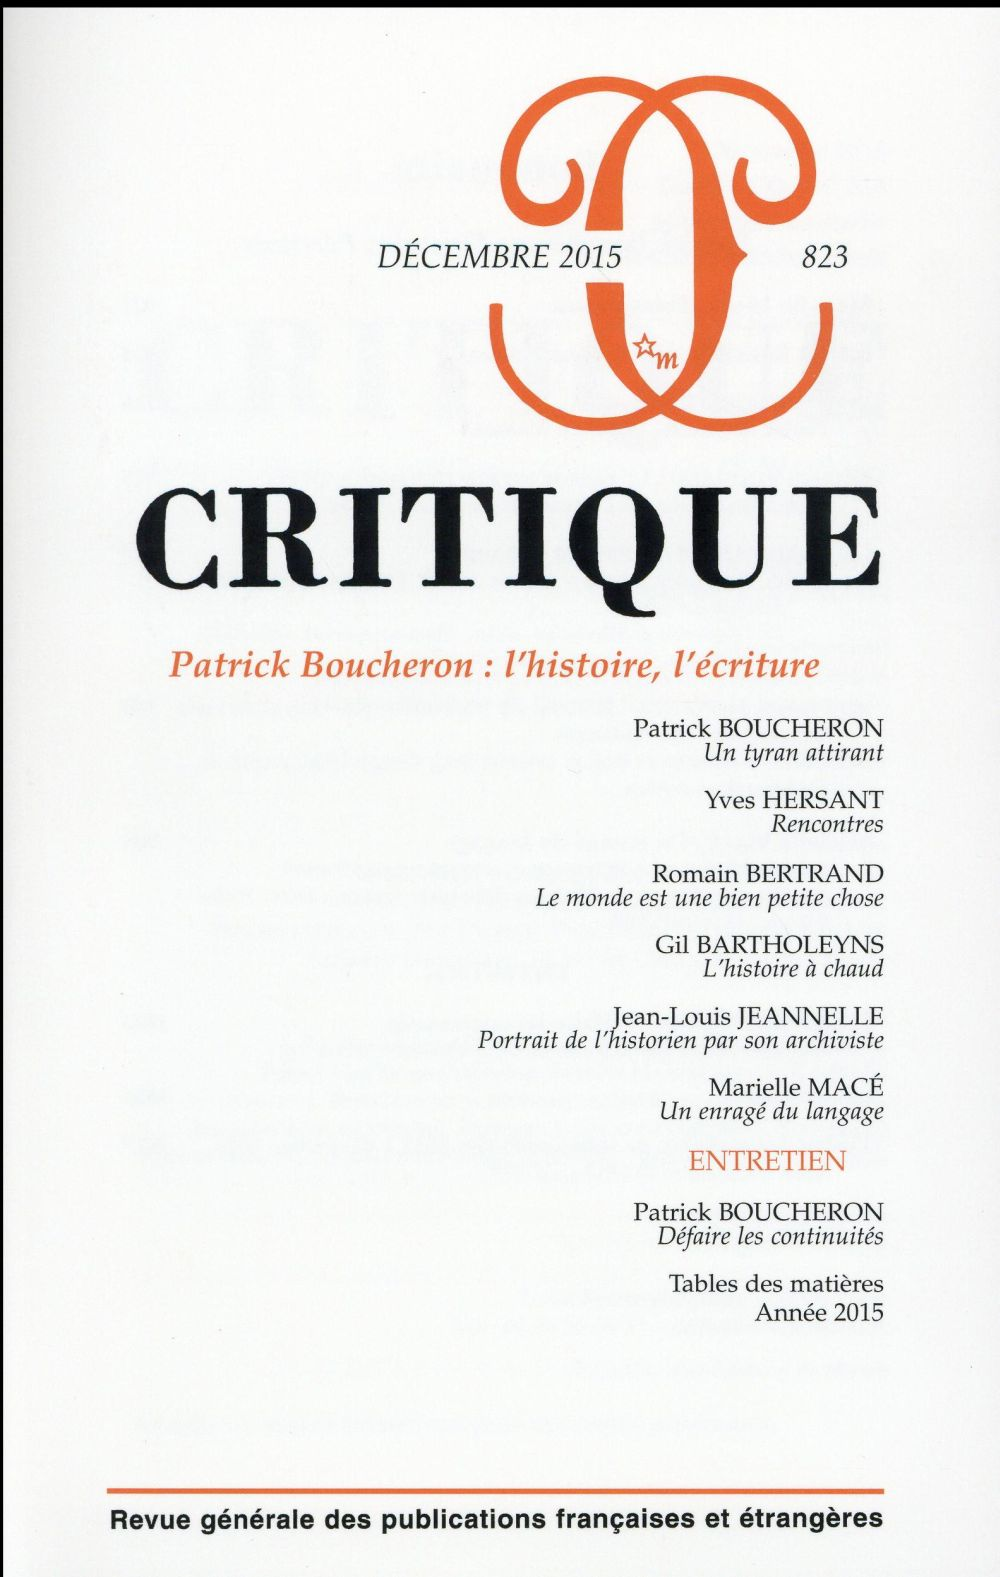 CRITIQUE 823 : PATRICK BOUCHERON